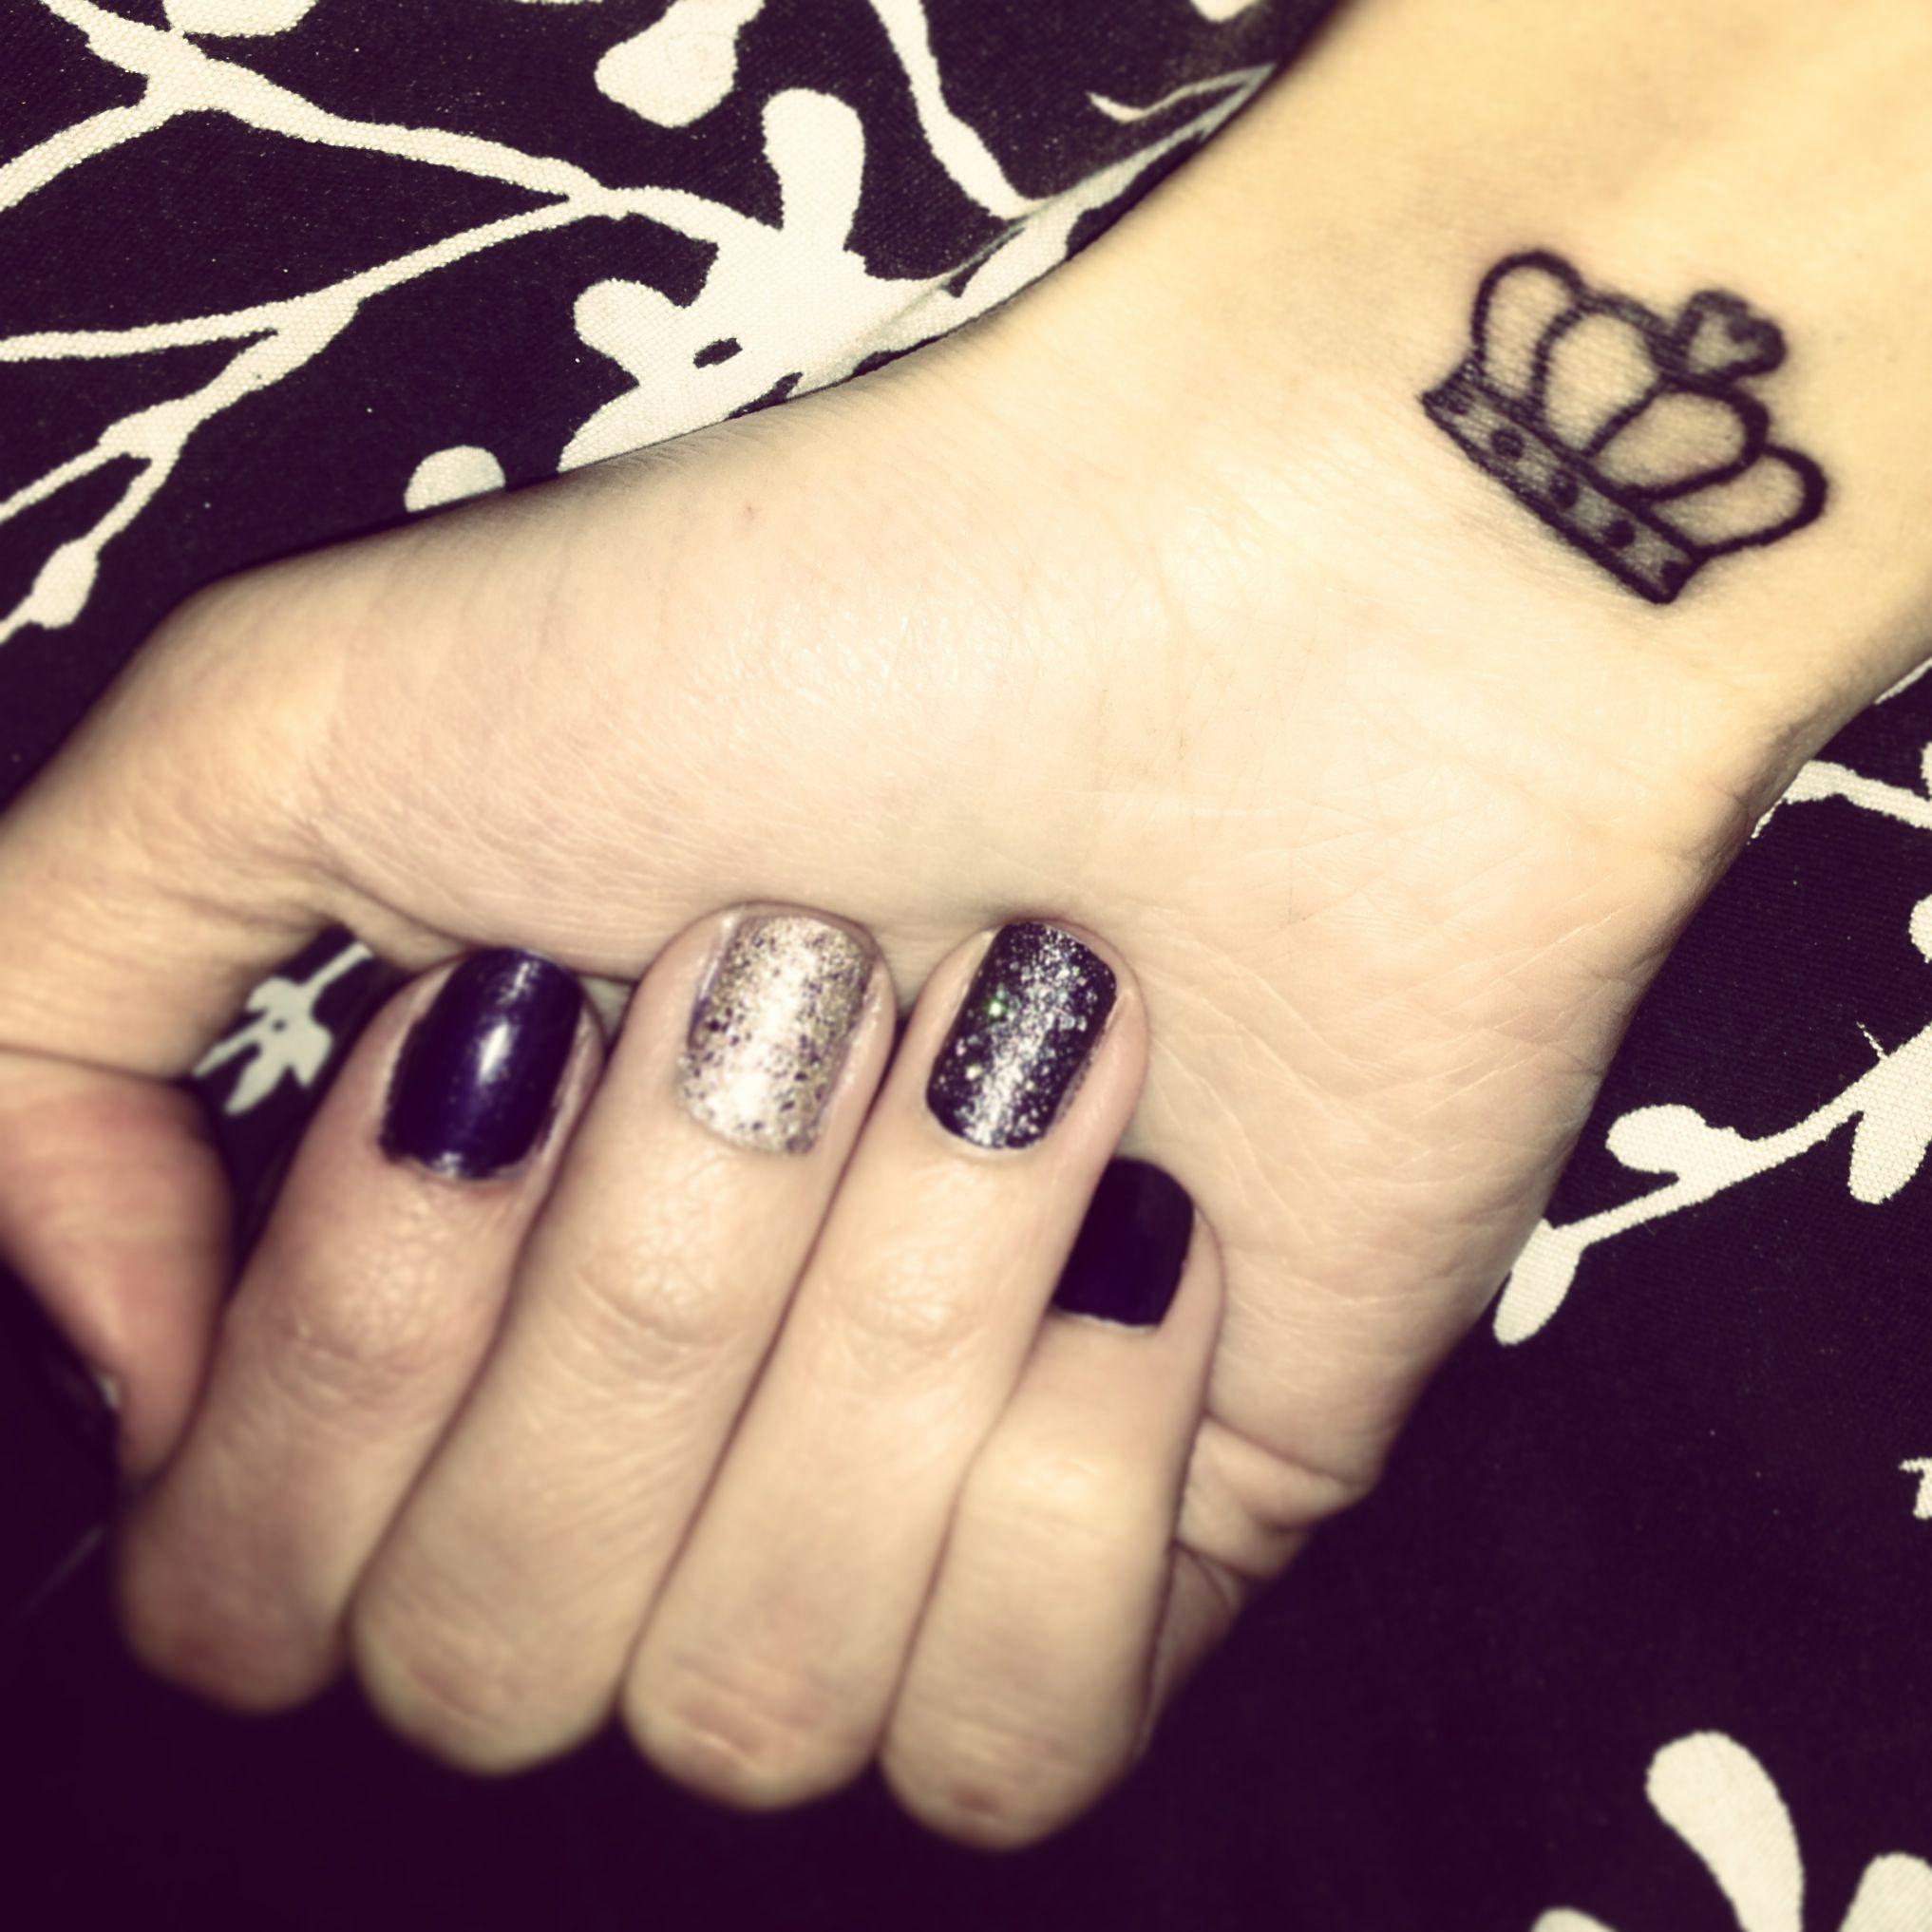 Crown Tattoo On Tumblr - Crown wrist tattoo